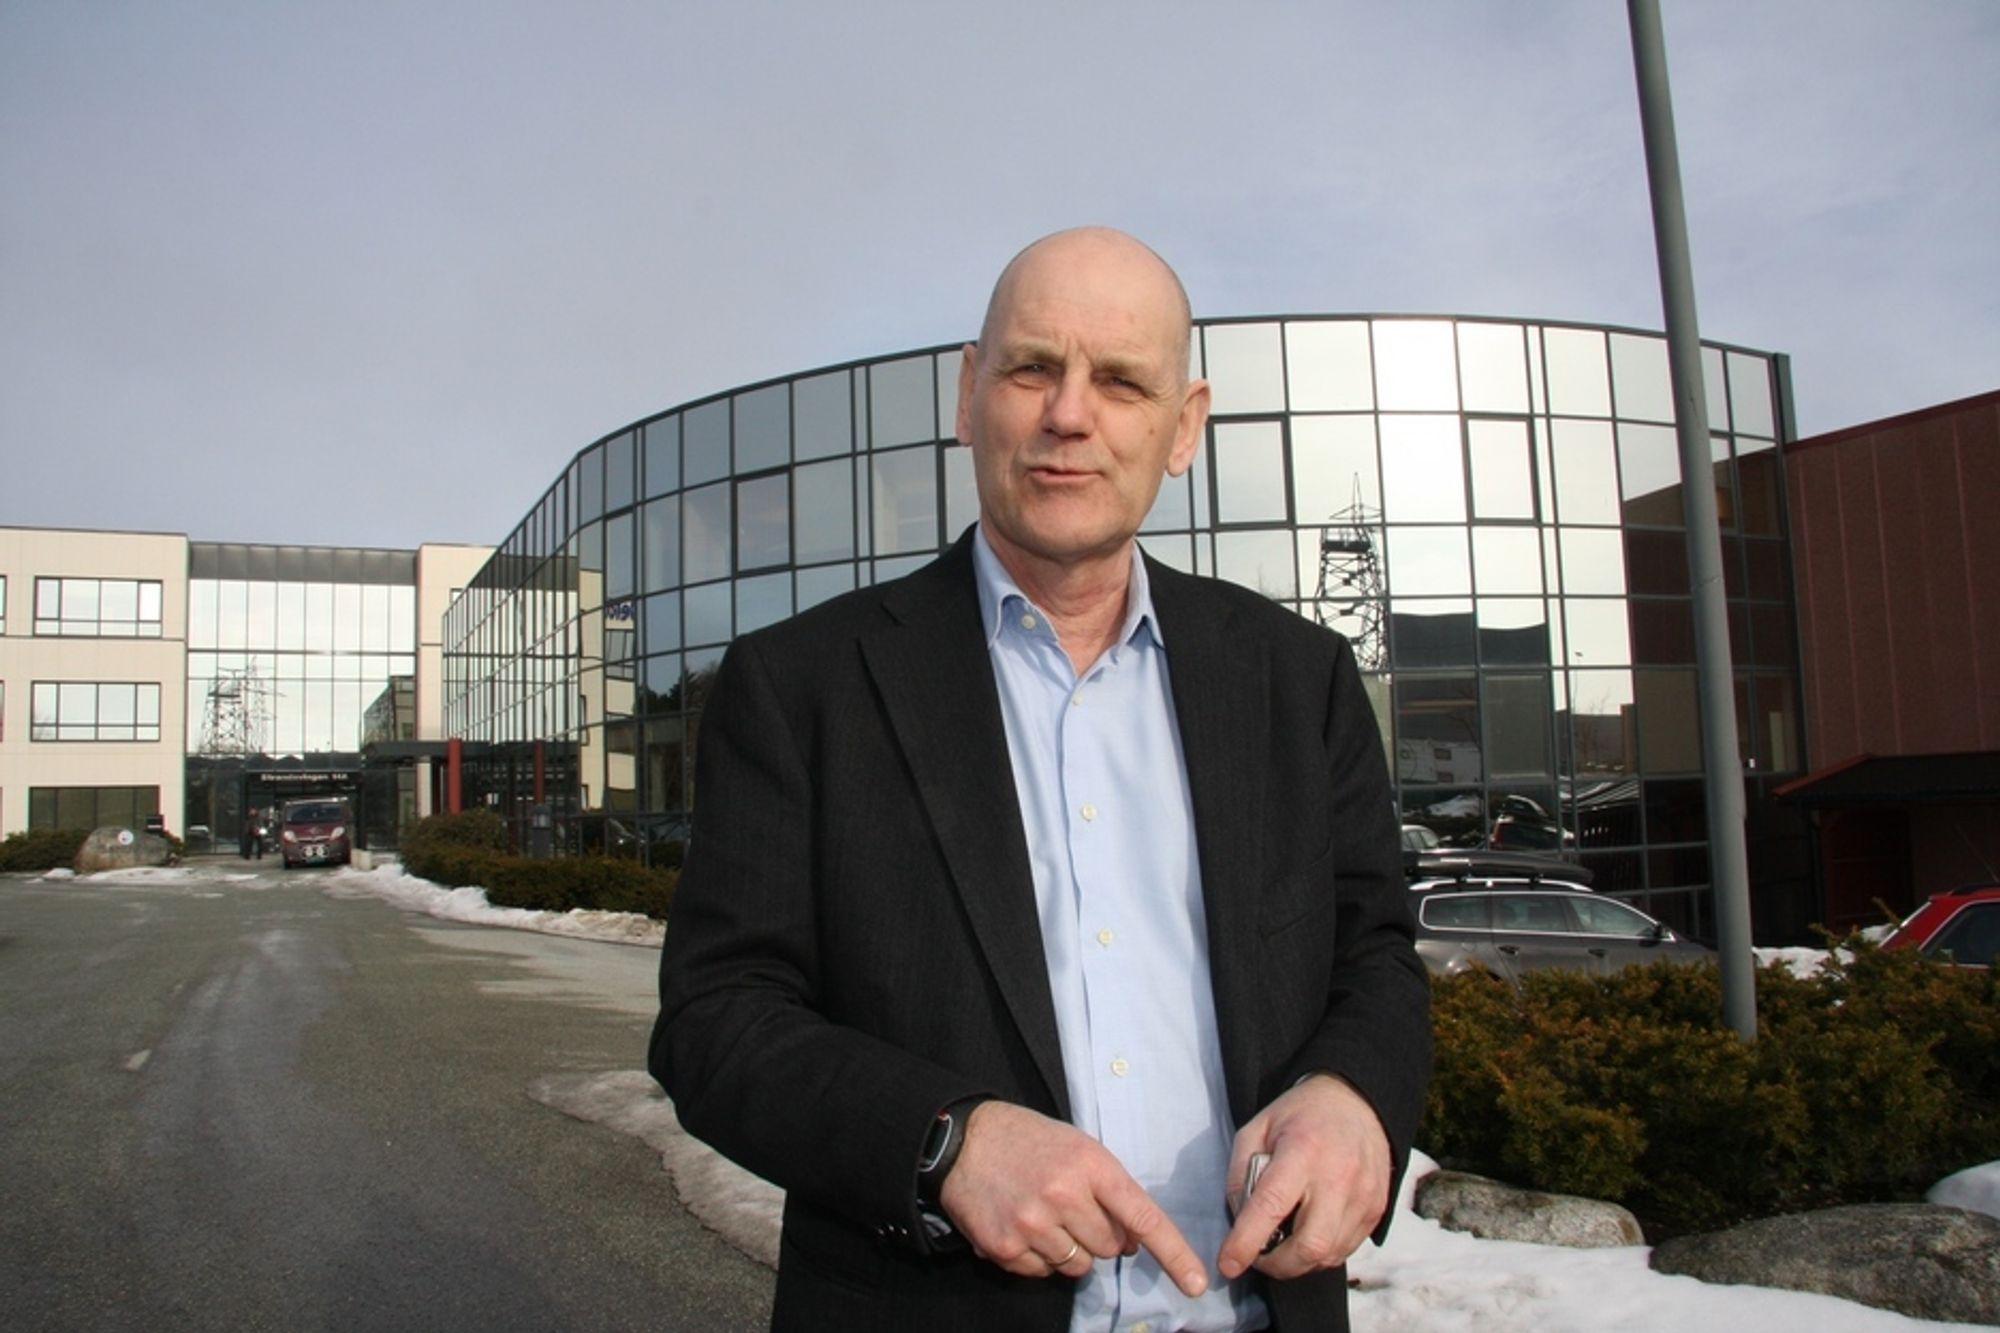 - Kunnskap, erfaring og innsikt vil aldri kunne erstattes av teknologi eller smarte løsninger, sier Jon Stærkebye, global divisjonsdirektør for olje og gass i IBM.